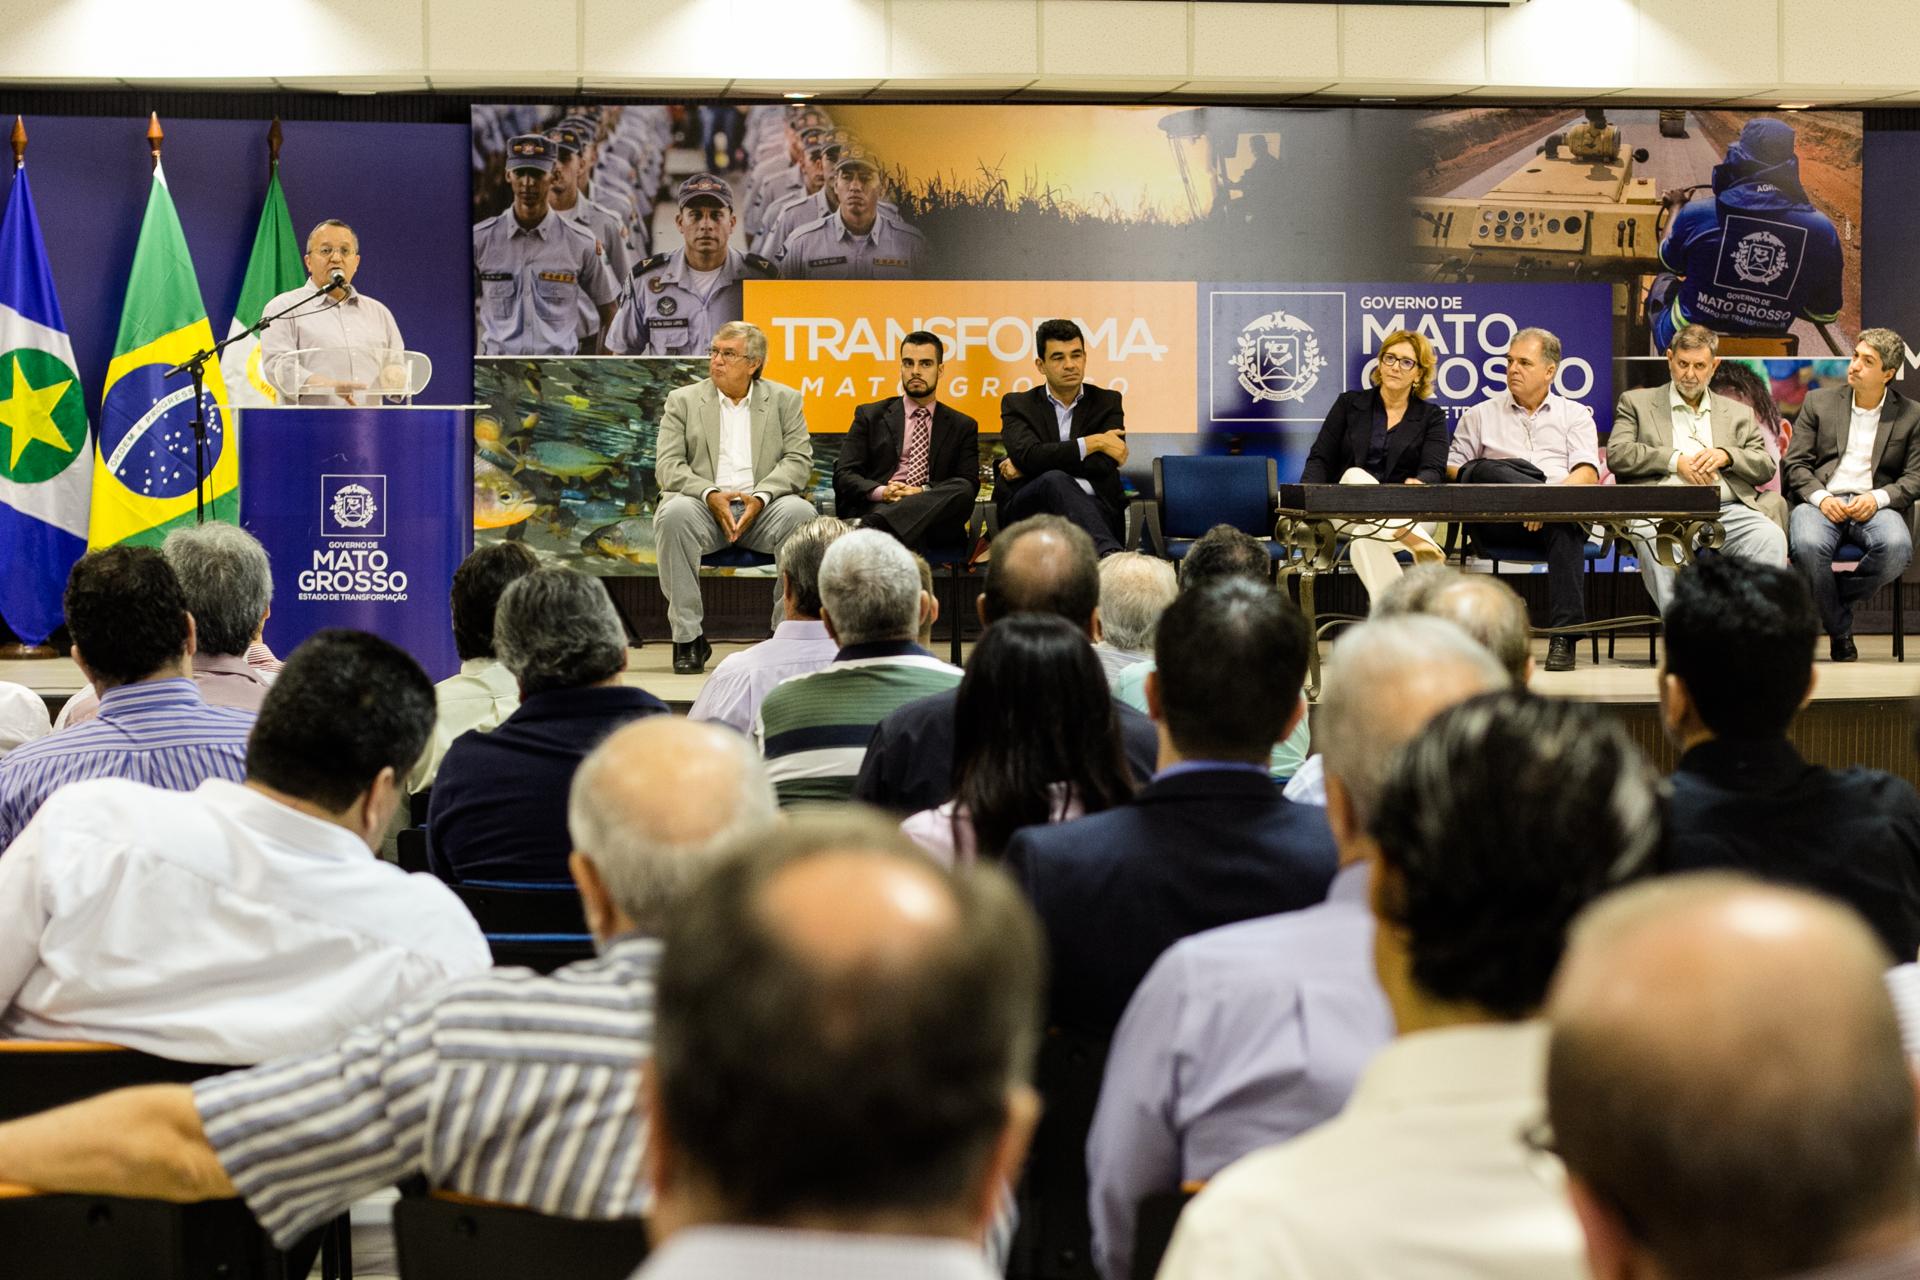 Decreto estabelece cláusula anticorrupção em contratos públicos estaduais